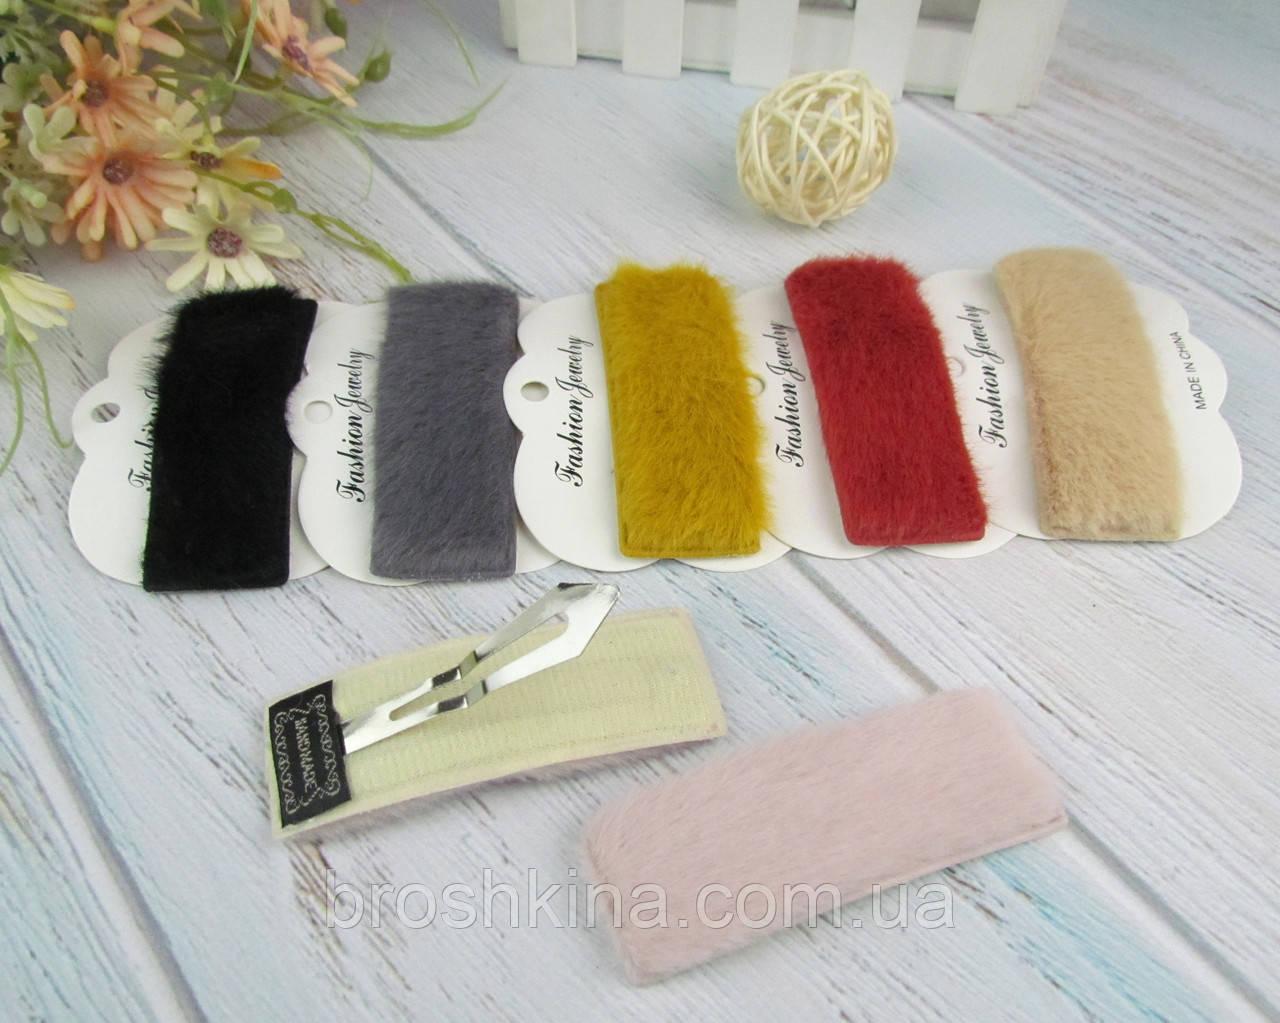 Заколки для волос тик-так 9*3 см металл с мехом 6 шт/уп.